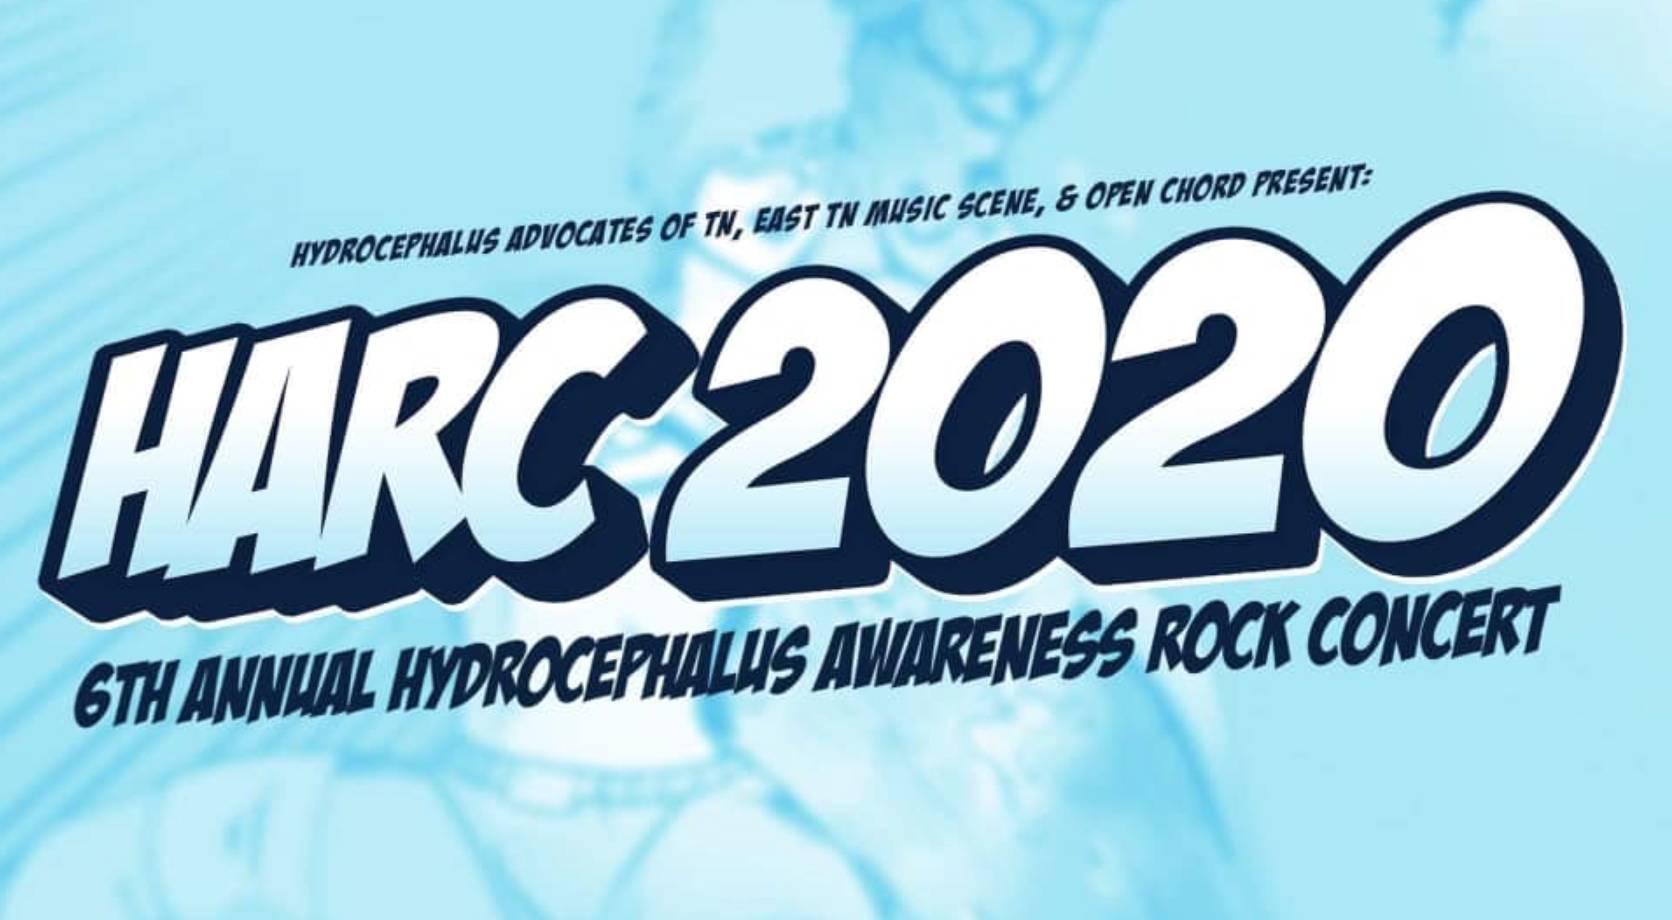 6th Annual HARC 2020